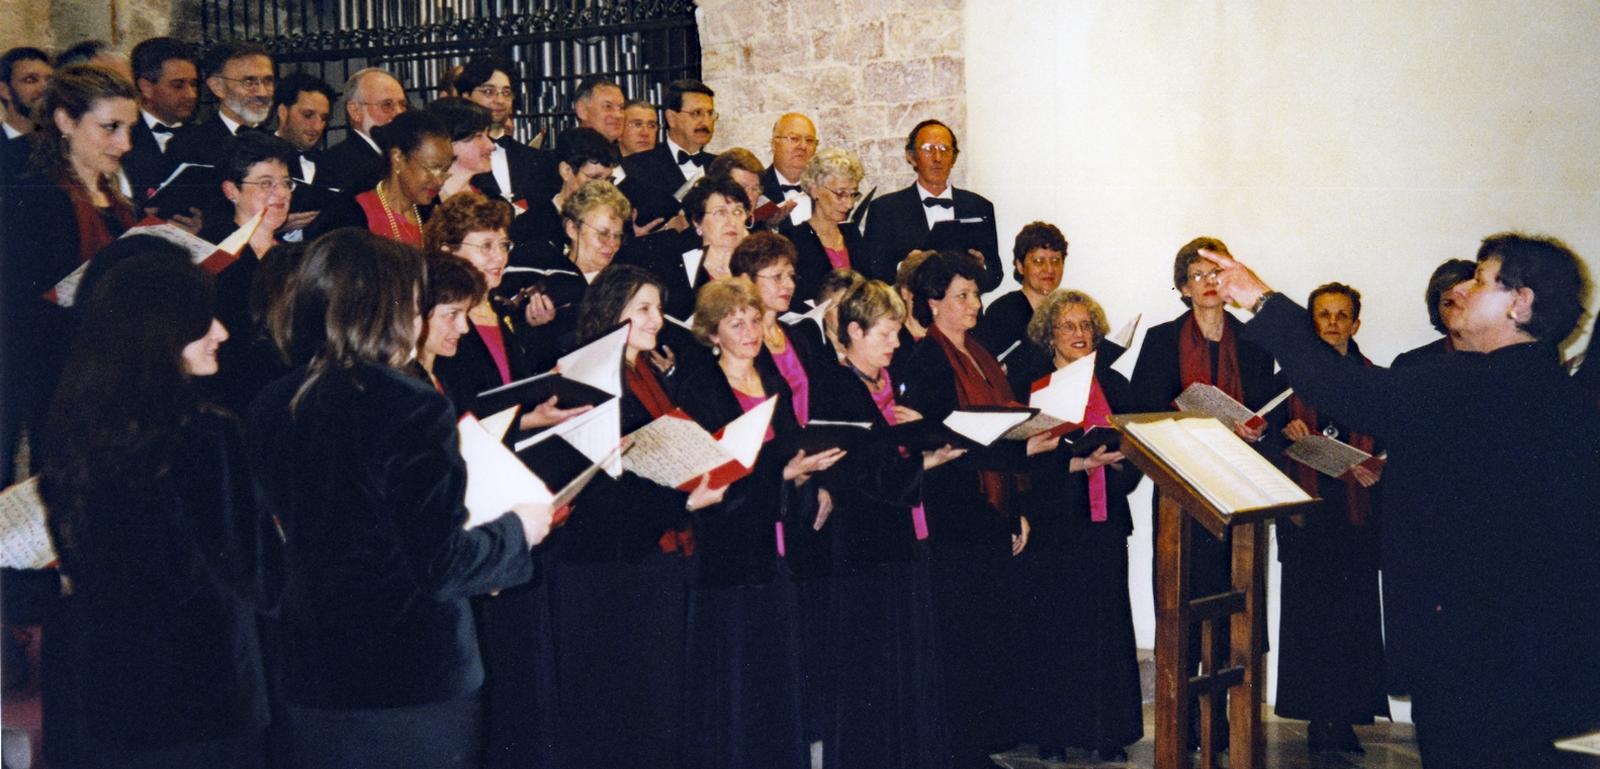 2002 - Concert en l'église Sainte-Marie Majeure d'Assise (Italie)